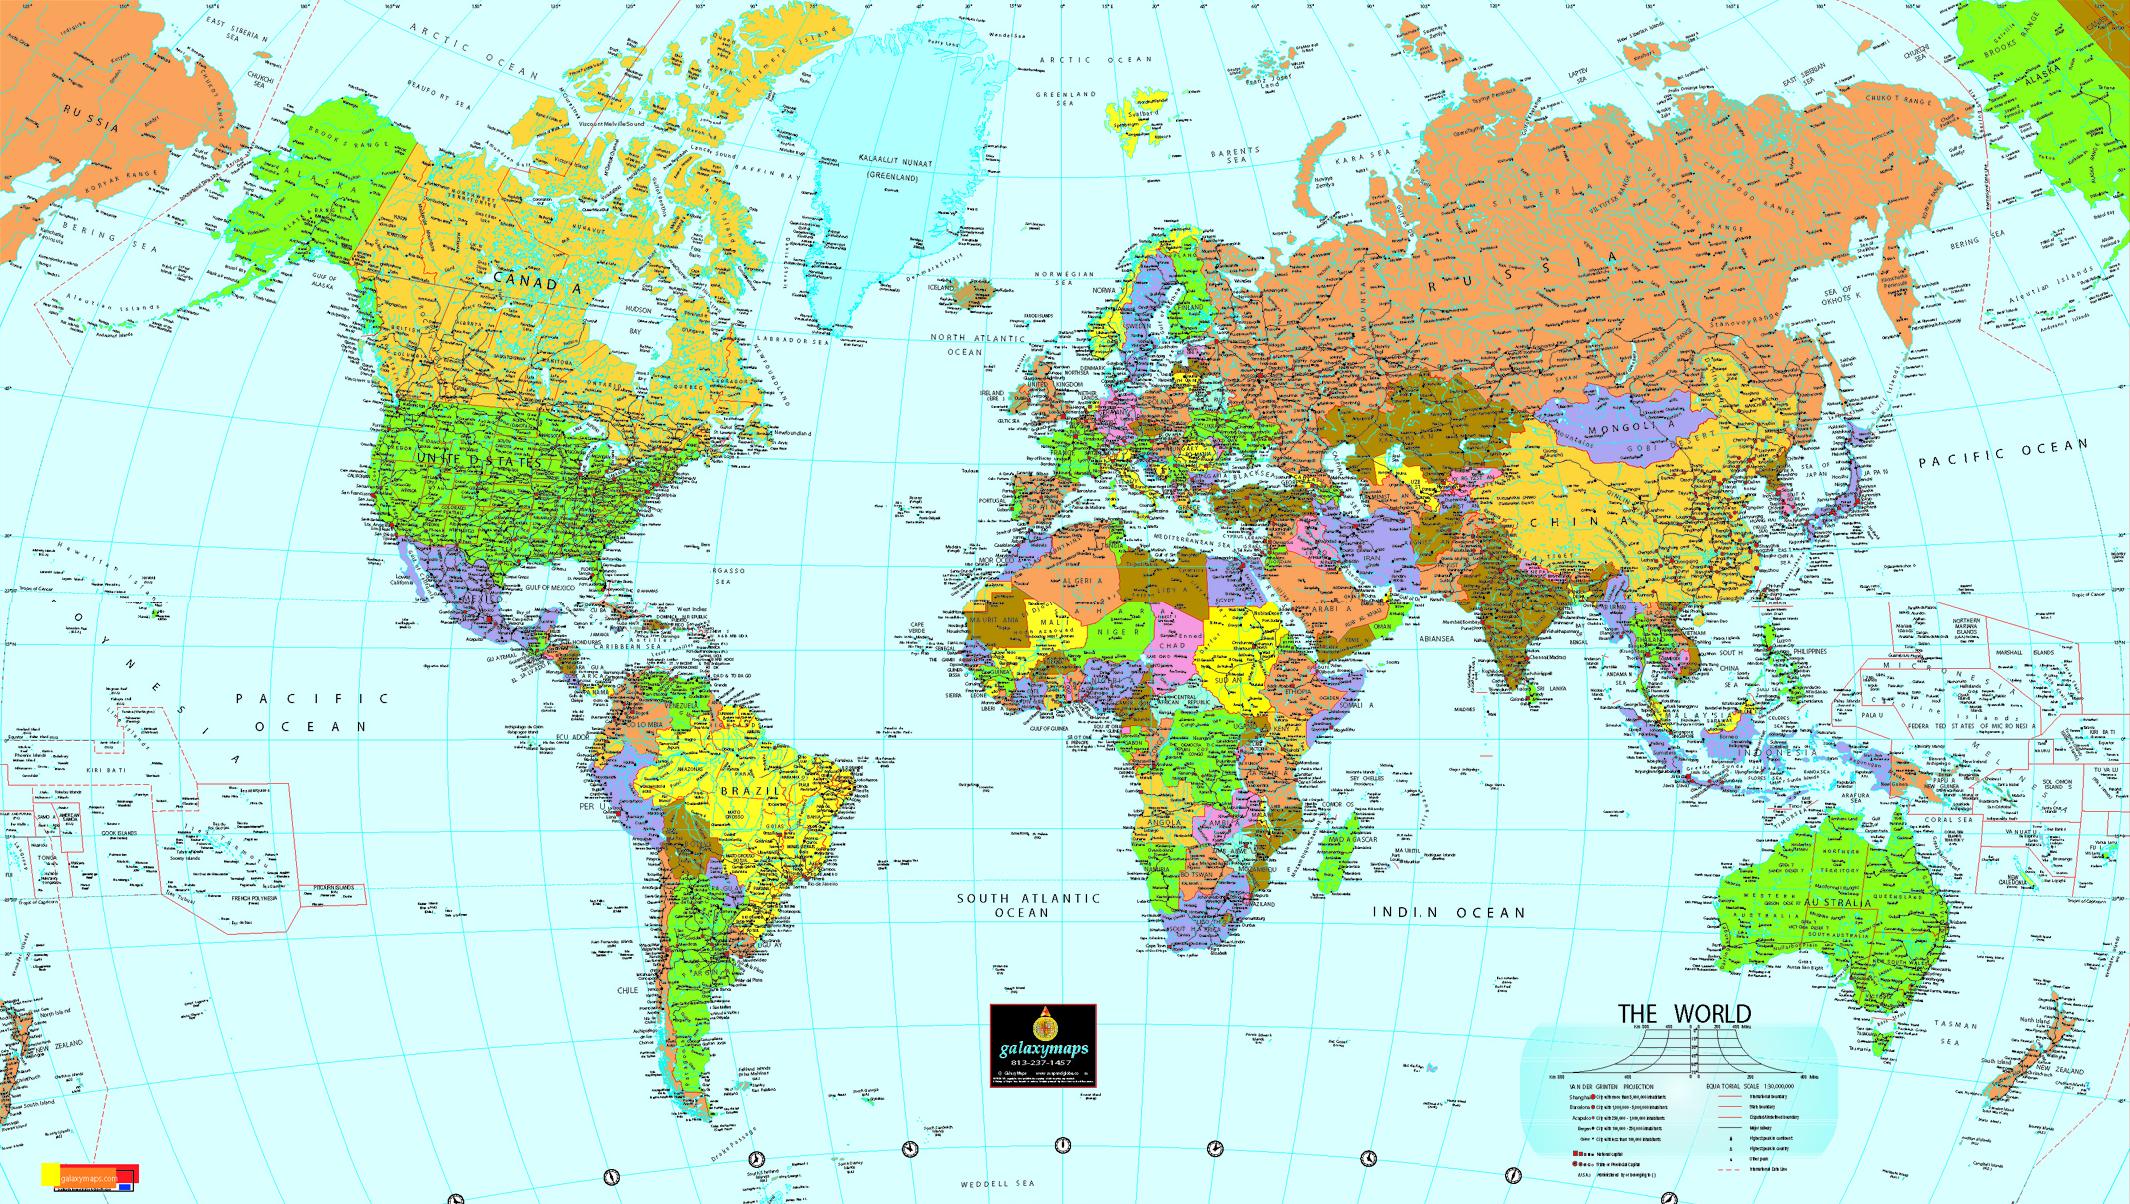 Mapa politico del mundog 21301204 school stuff pinterest ddd85b5285ae0cc79f5d42fc45029a81g publicscrutiny Gallery